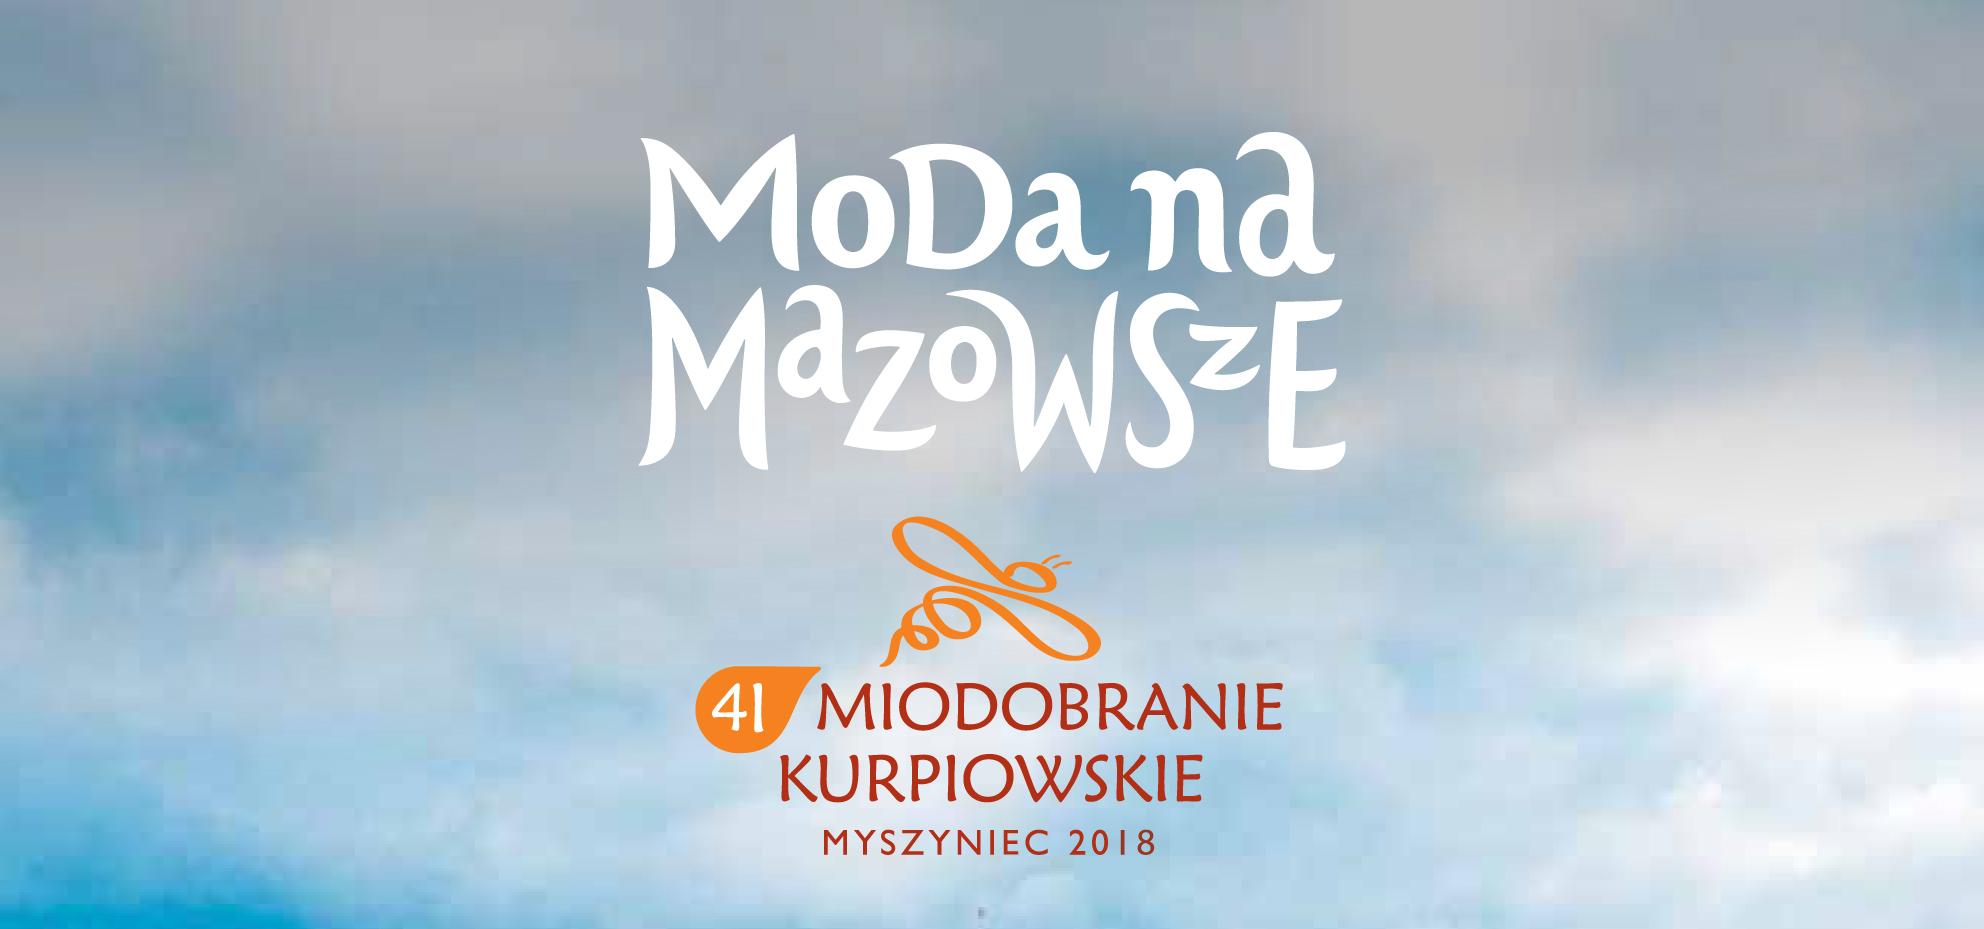 Miodobranie Kurpiowskie 25-26 SIERPNIA 2018